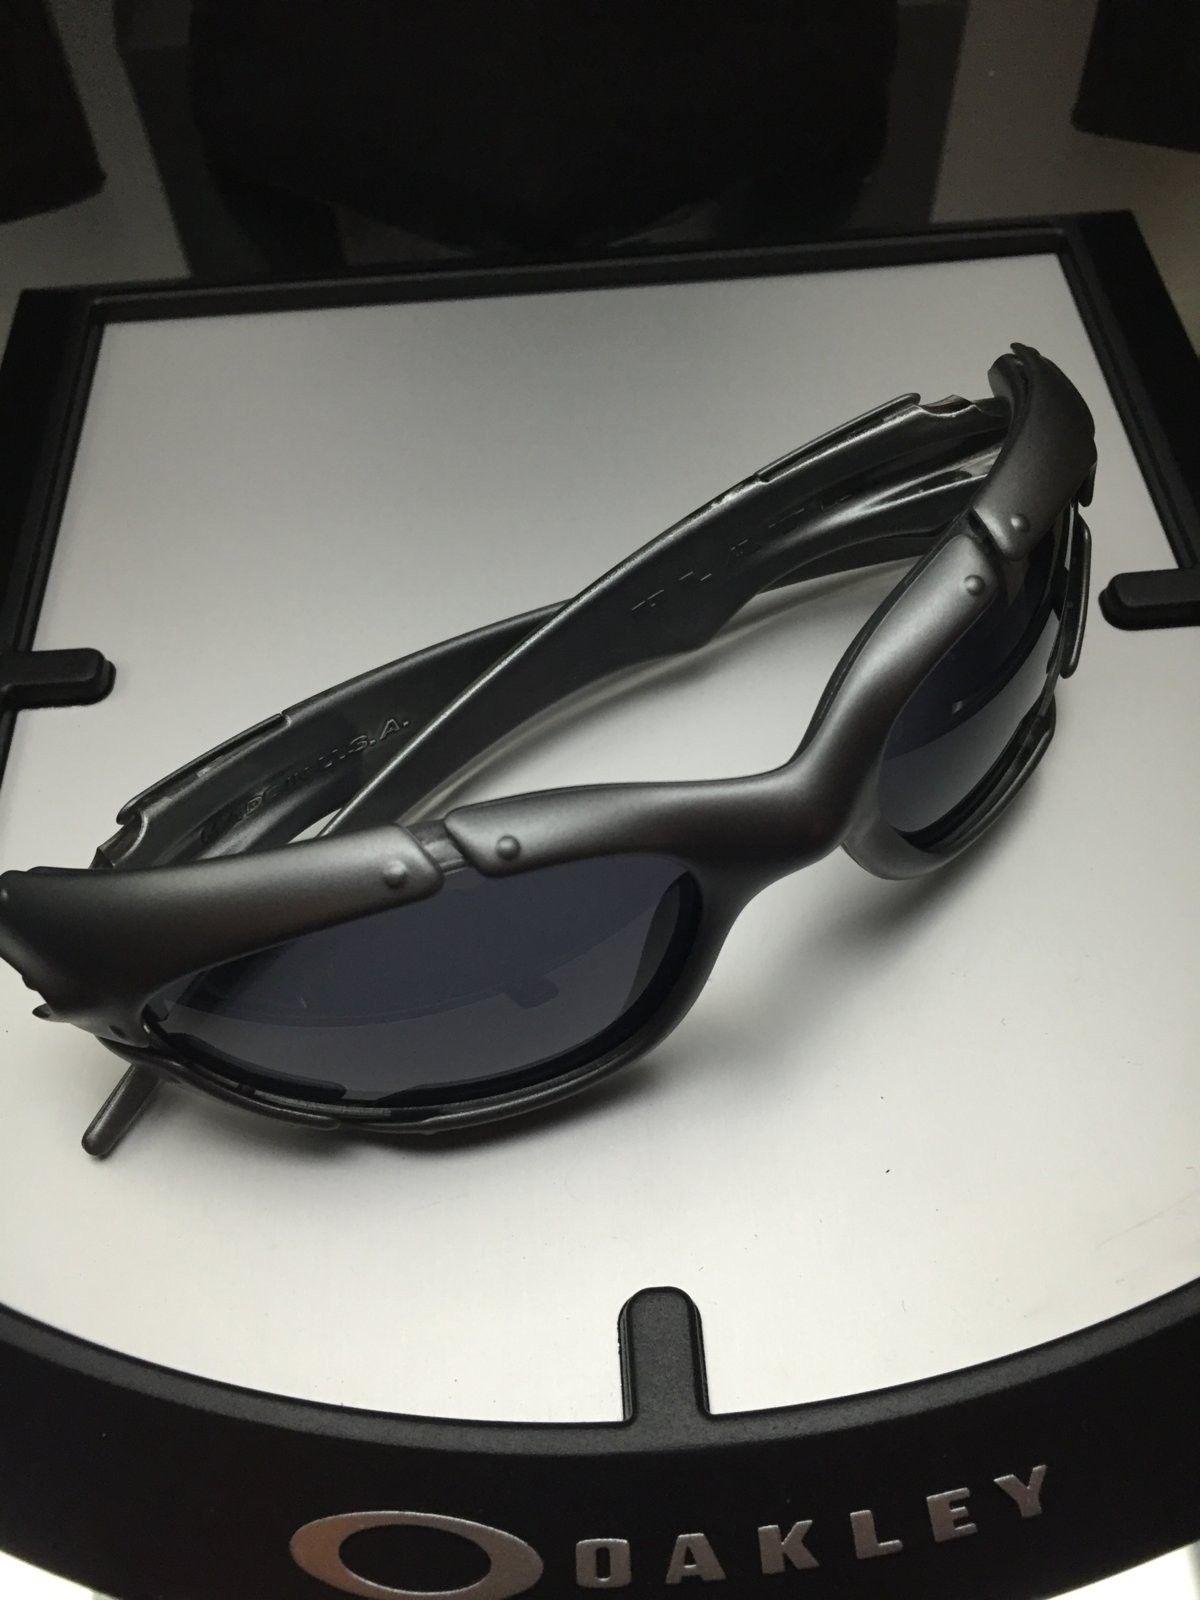 LNIB Plate Dark Silver w/ black iridium SKU: 03-850 #SOLD - image.jpeg